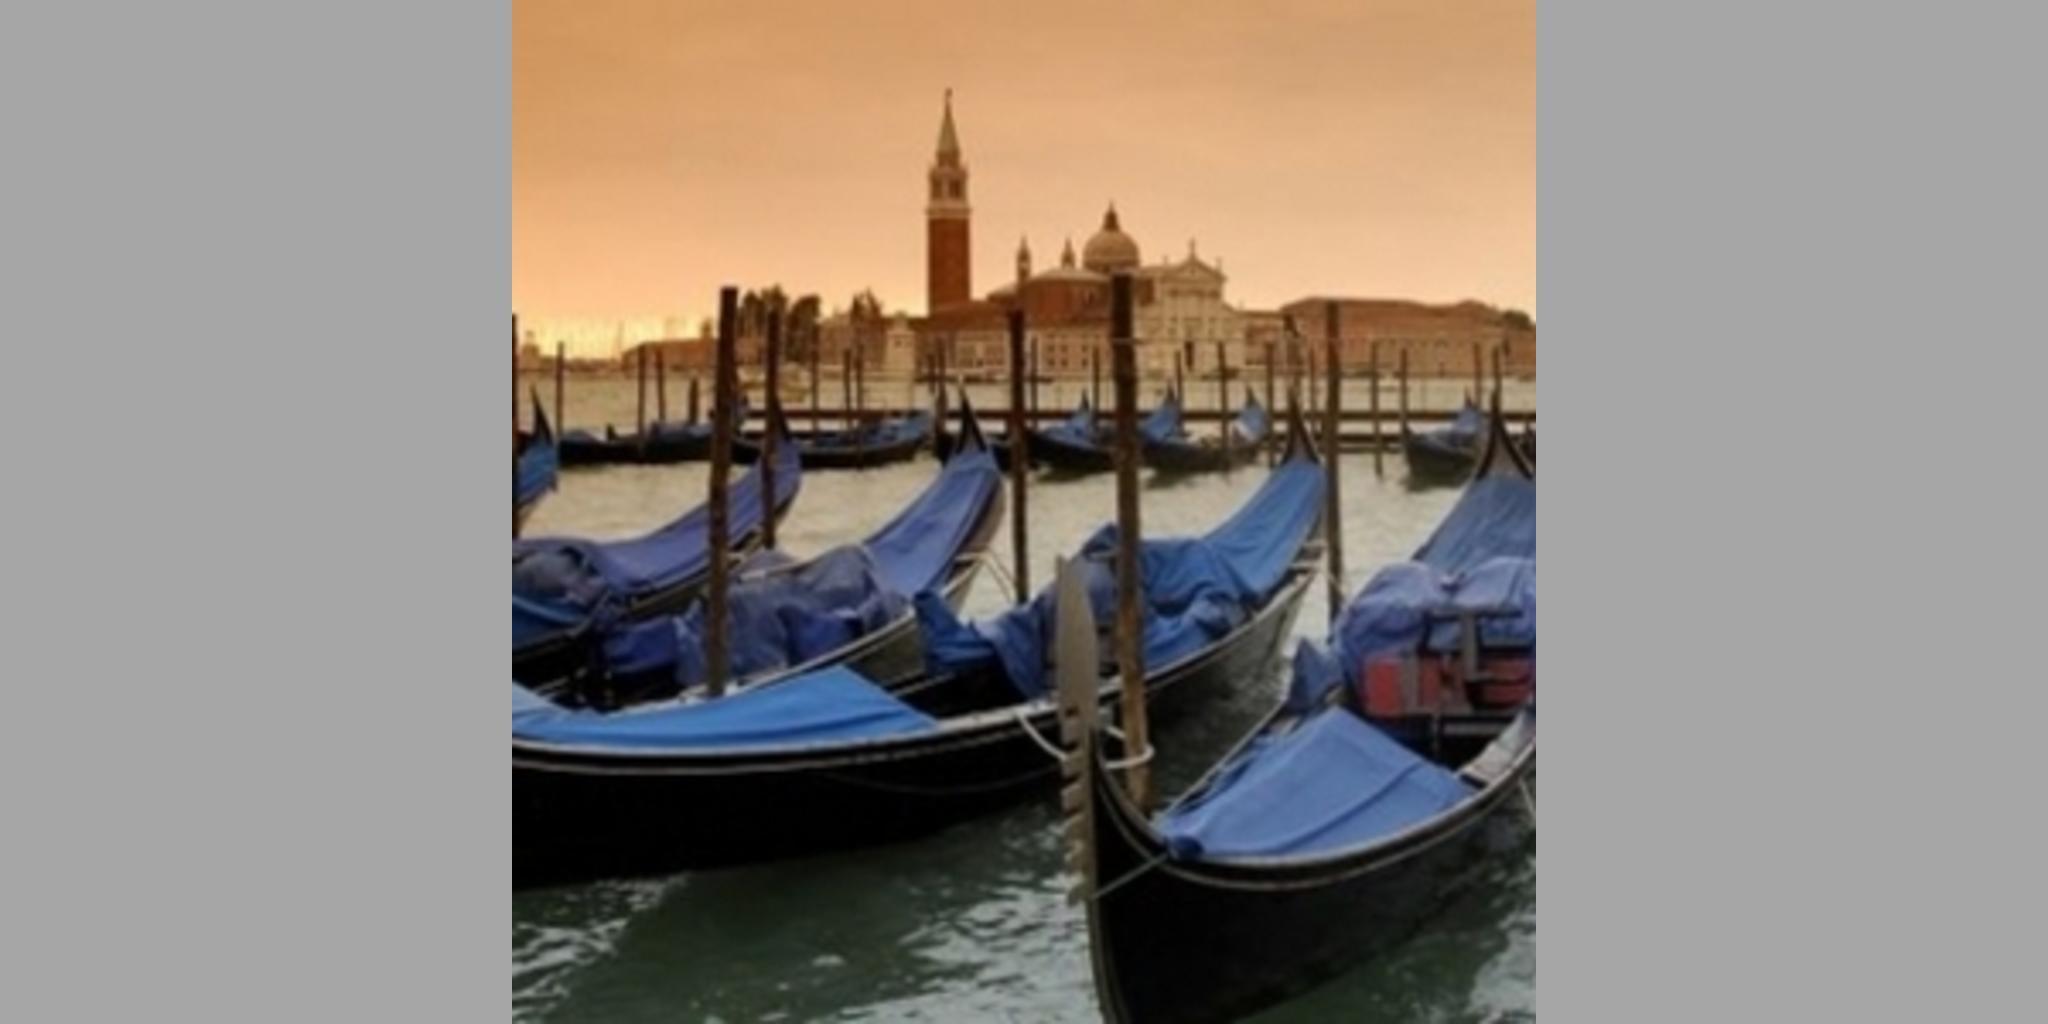 b_VX738_20121024062745_venezia.jpg